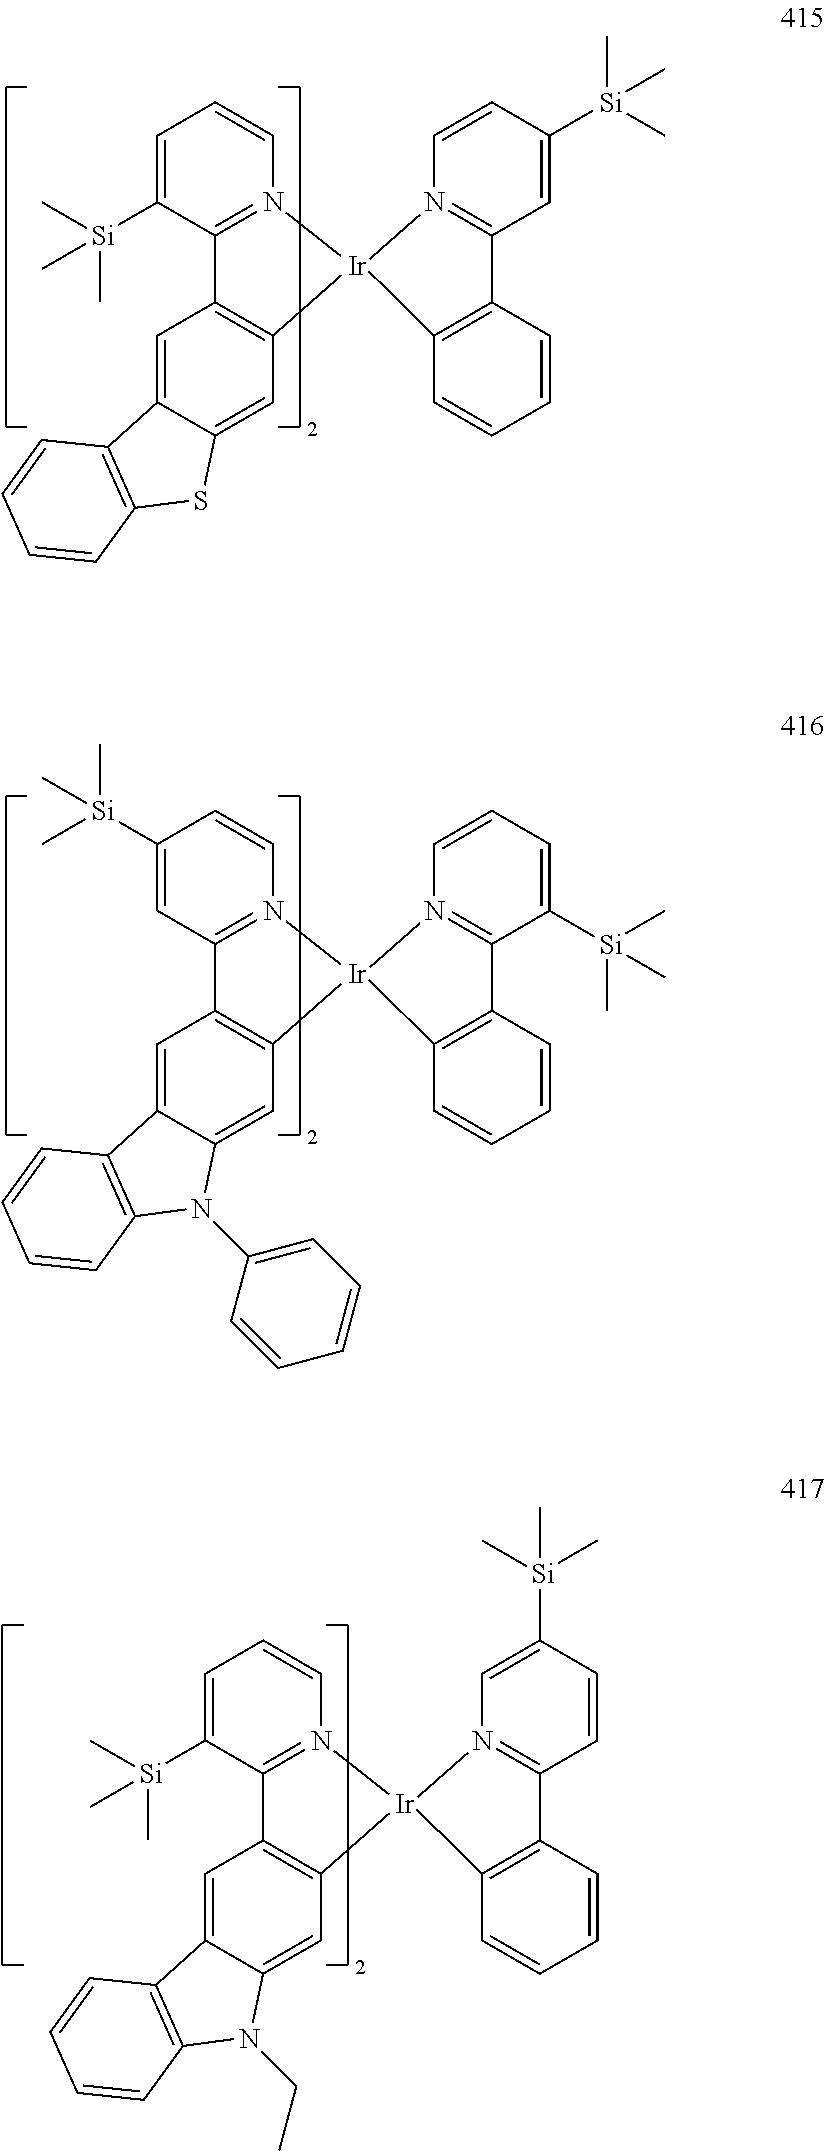 Figure US20160155962A1-20160602-C00185